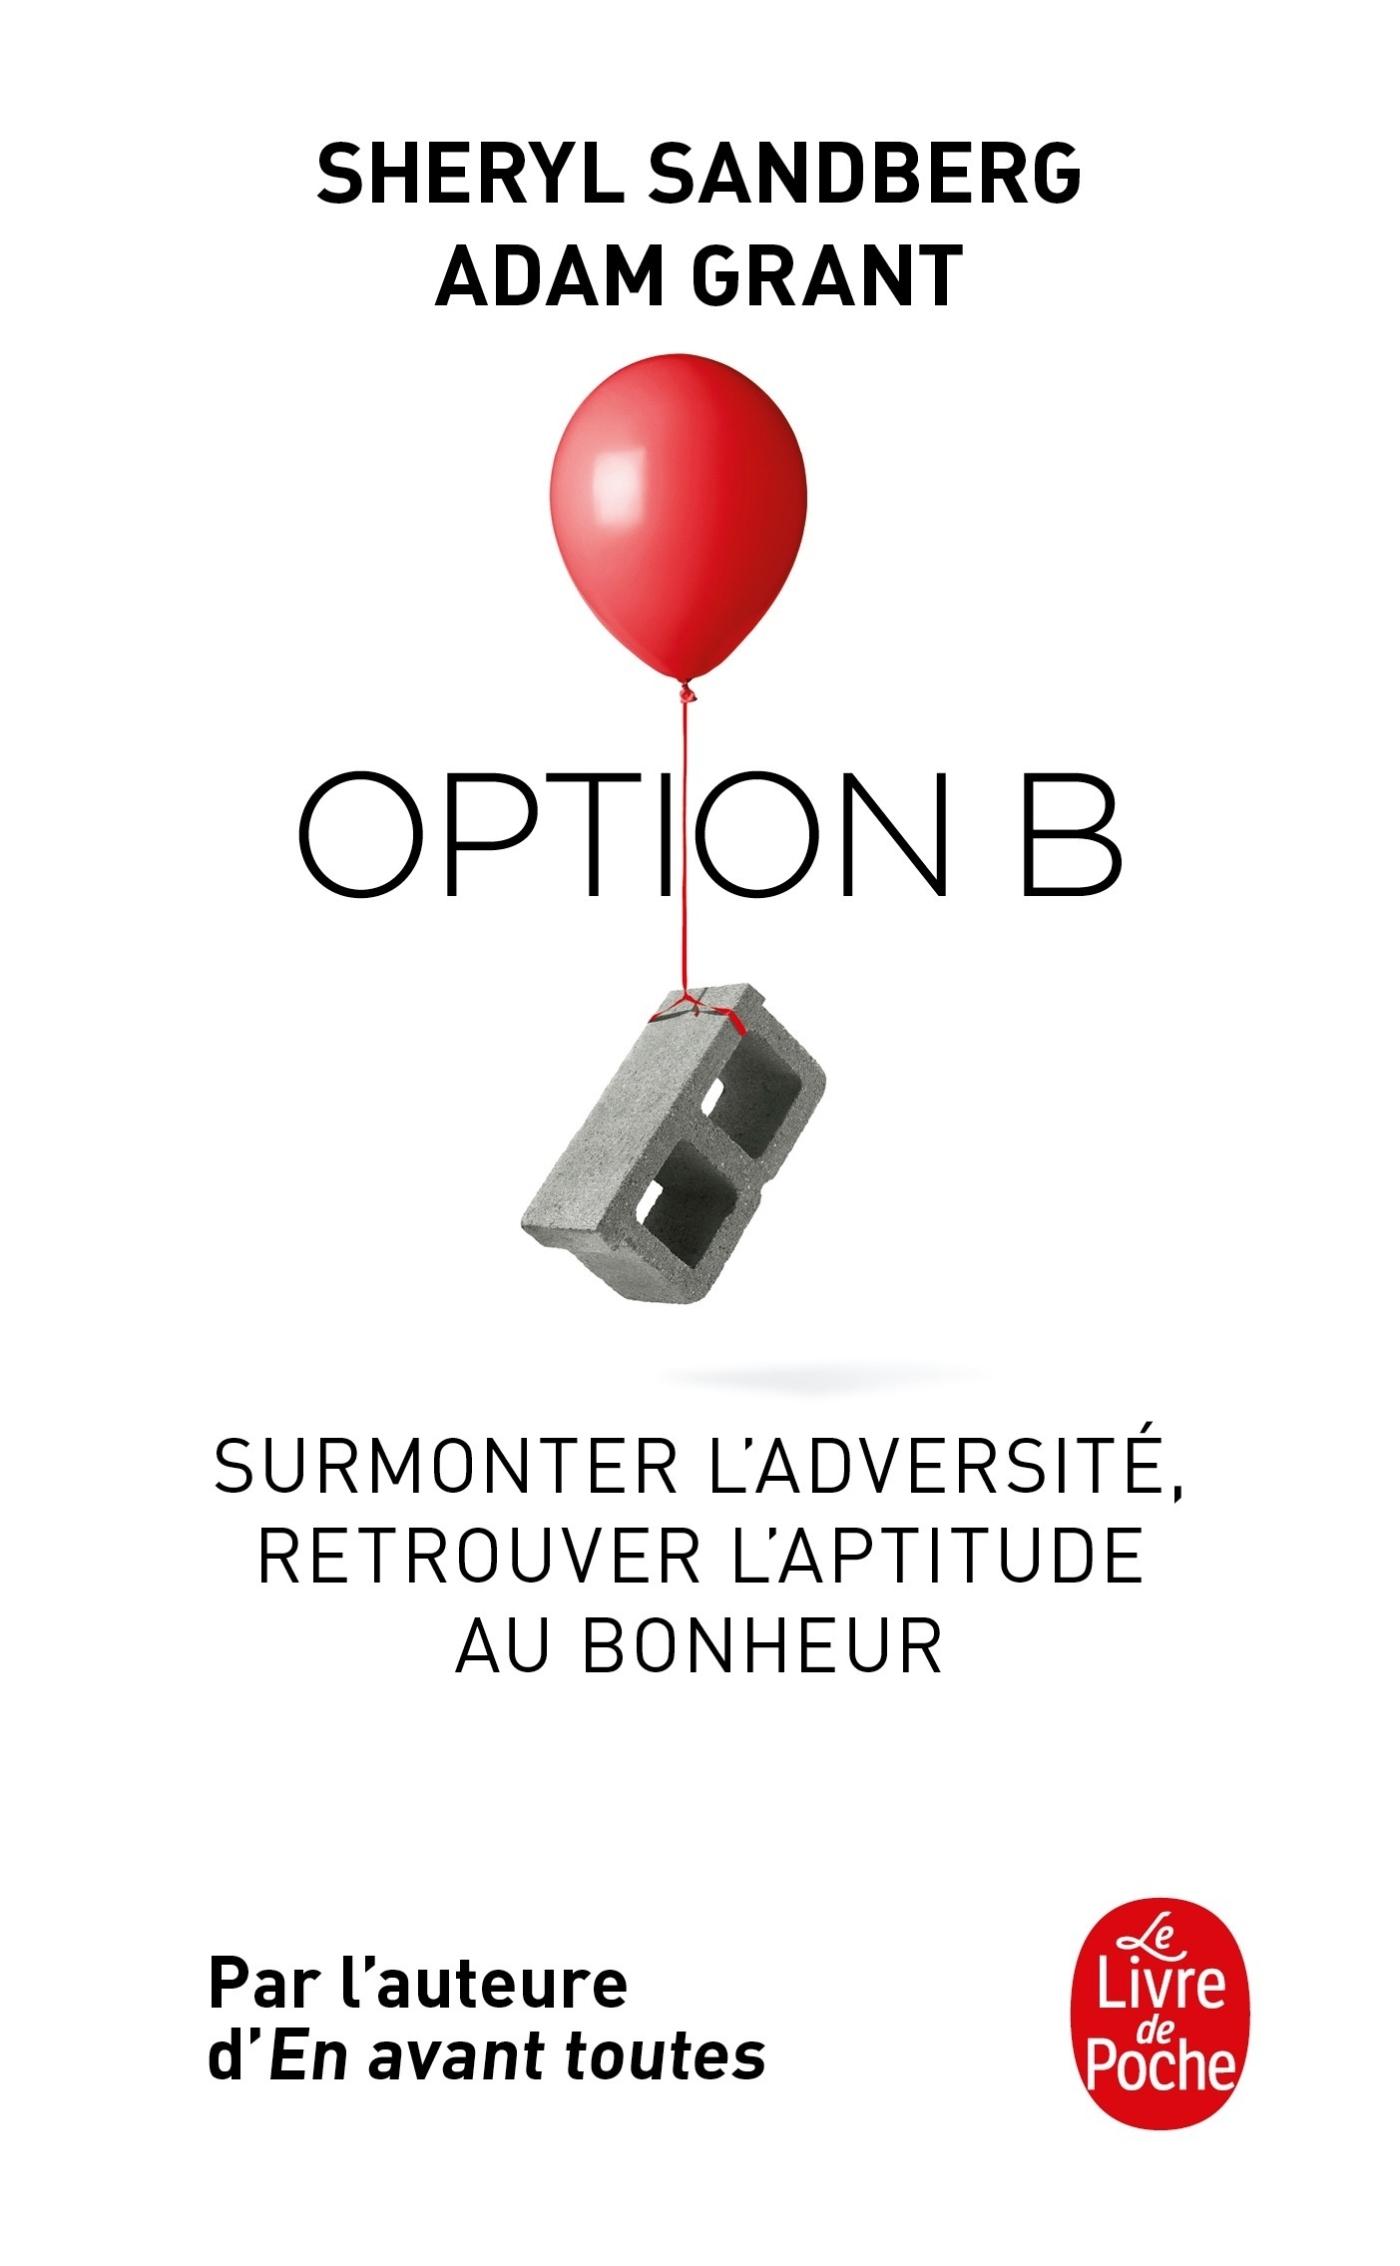 OPTION B - SURMONTER L'ADVERSITE, RETROUVER L'APTITUDE AU BONHEUR